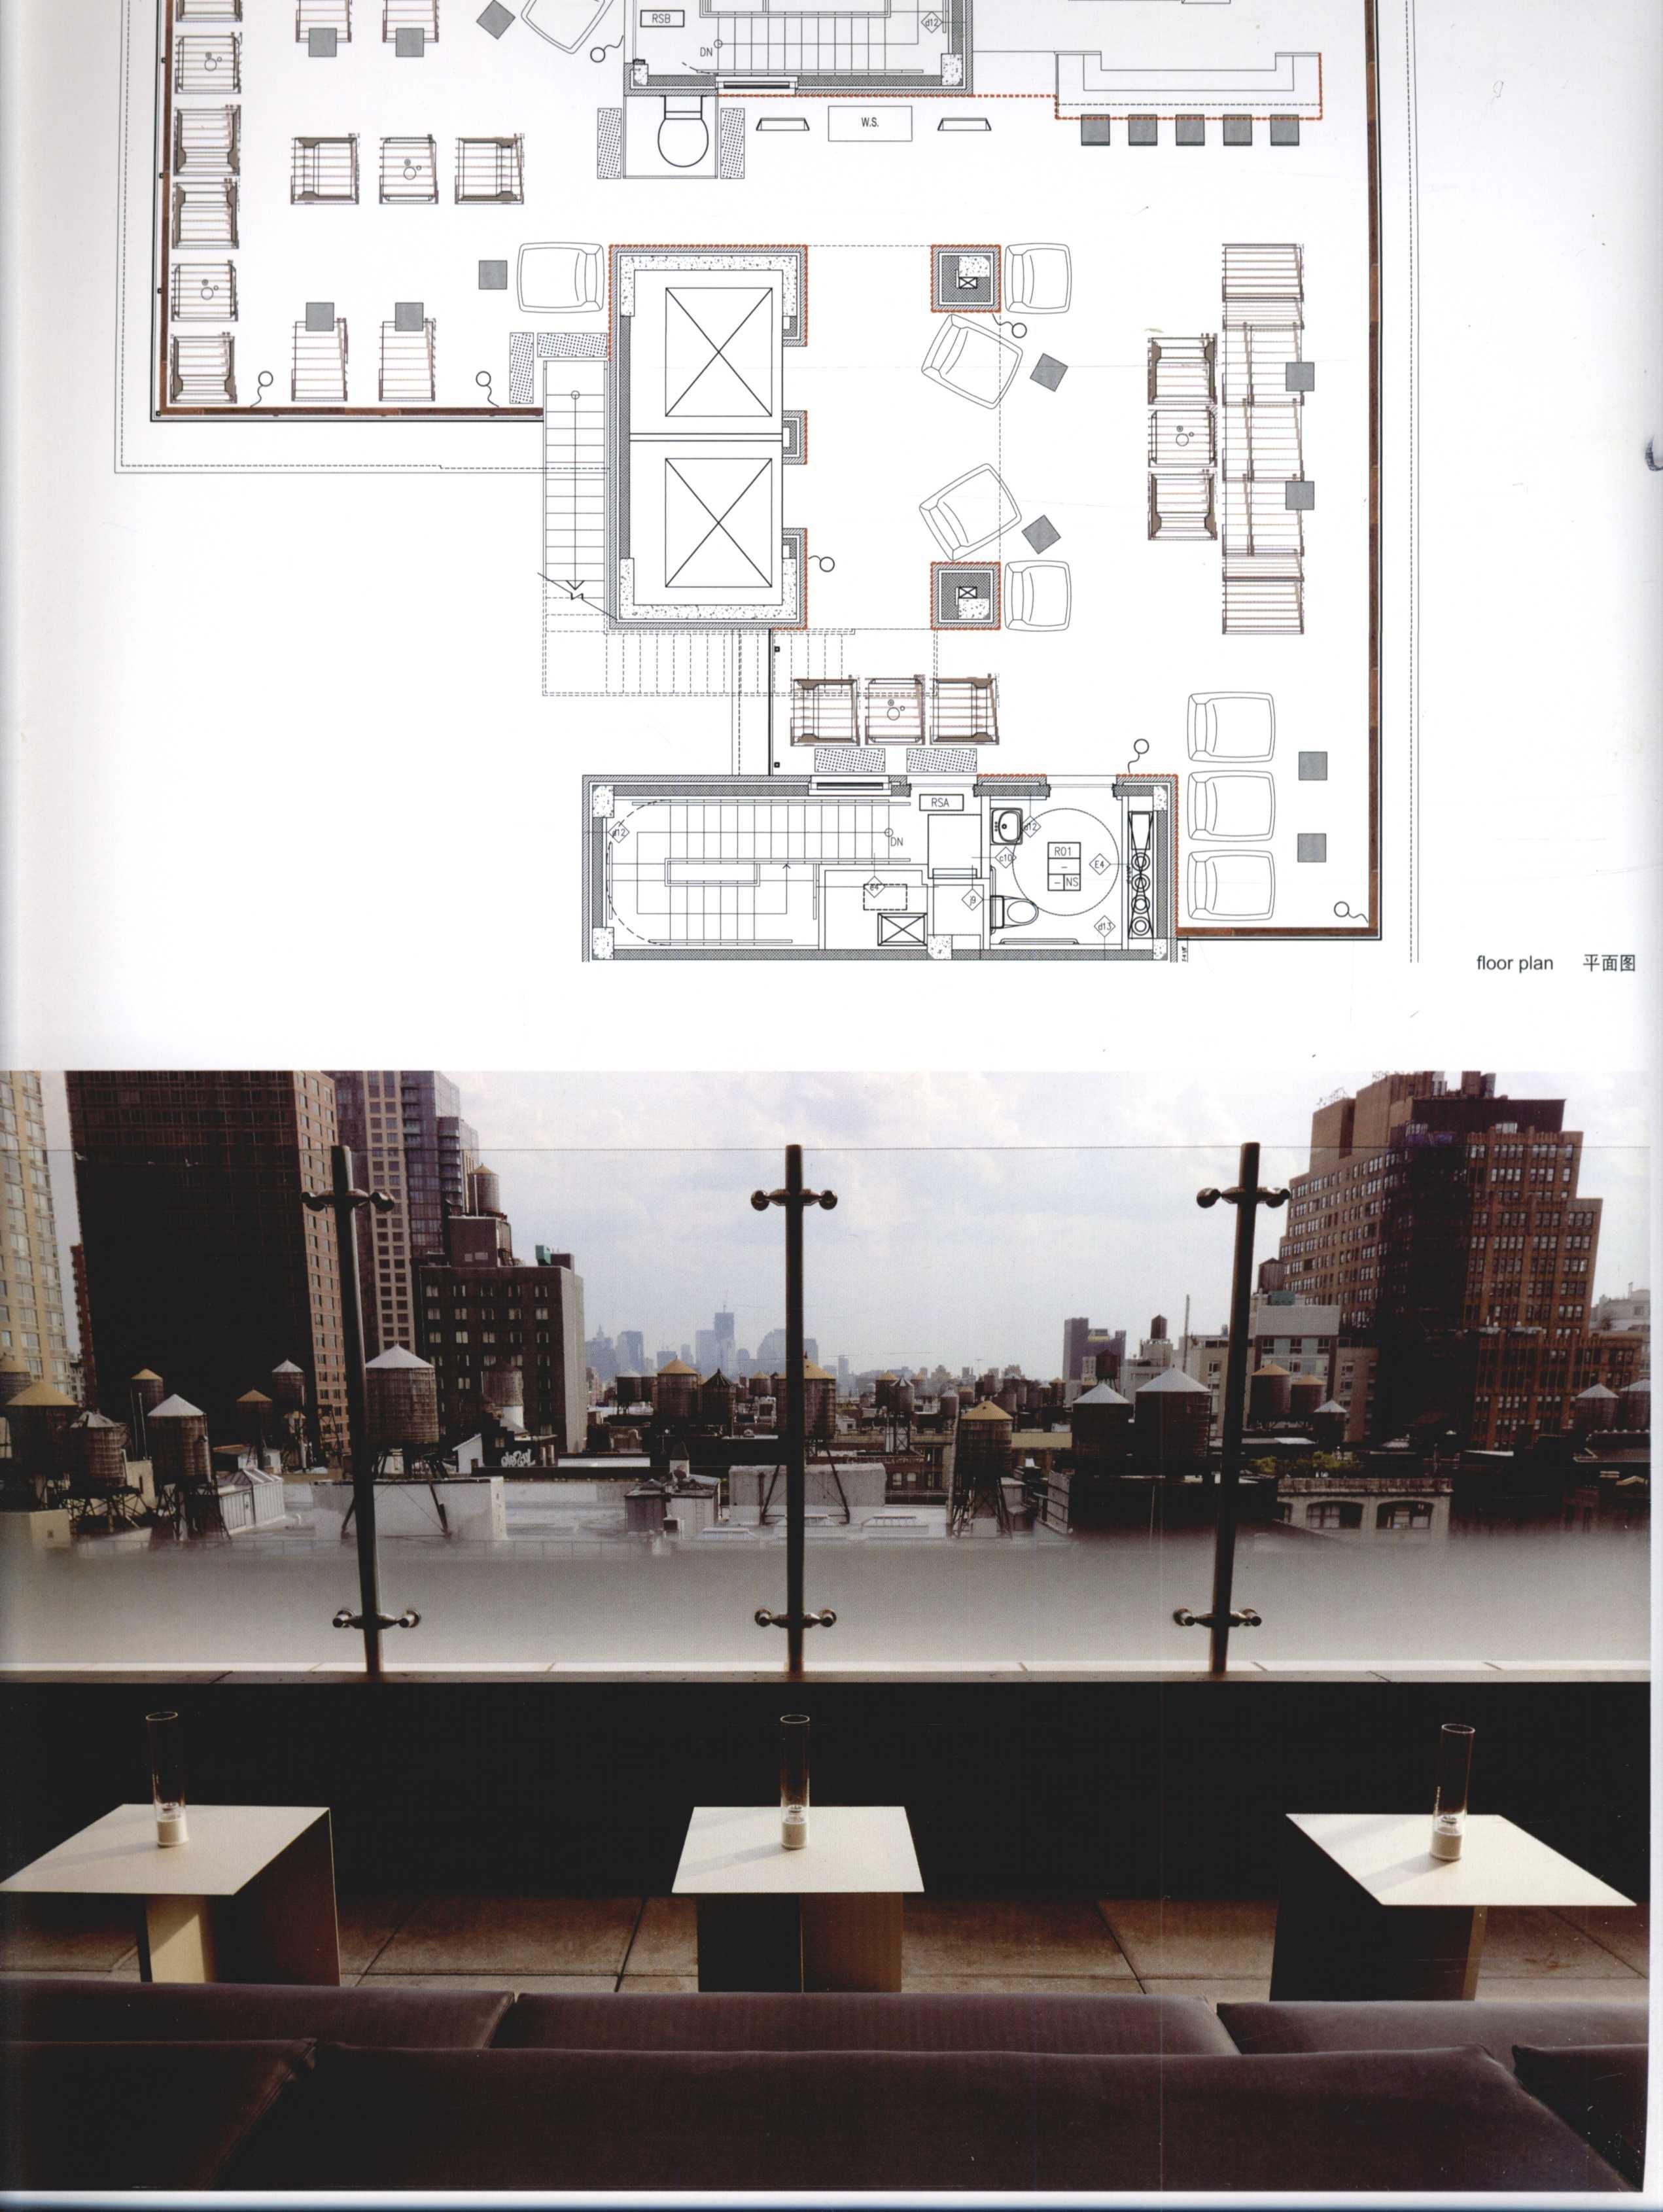 2012全球室内设计年鉴  餐饮_Page_030.jpg